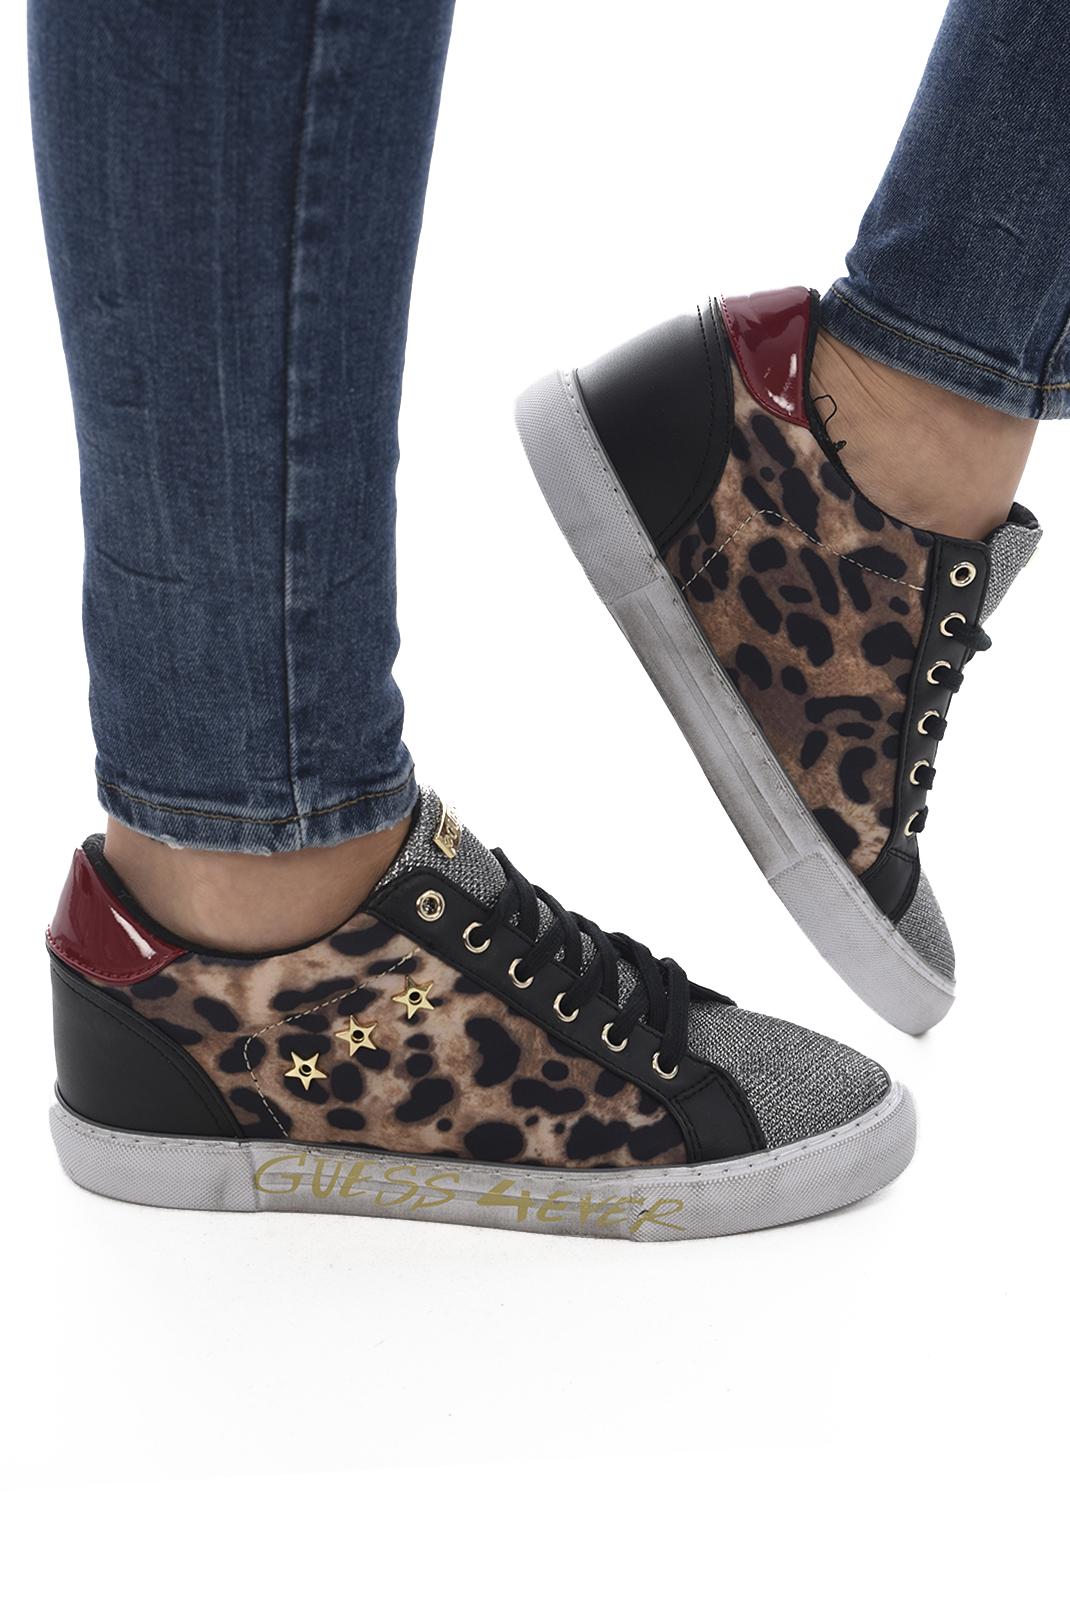 Baskets / Sneakers  Guess jeans FLPRE4 FAP12 LEOPA